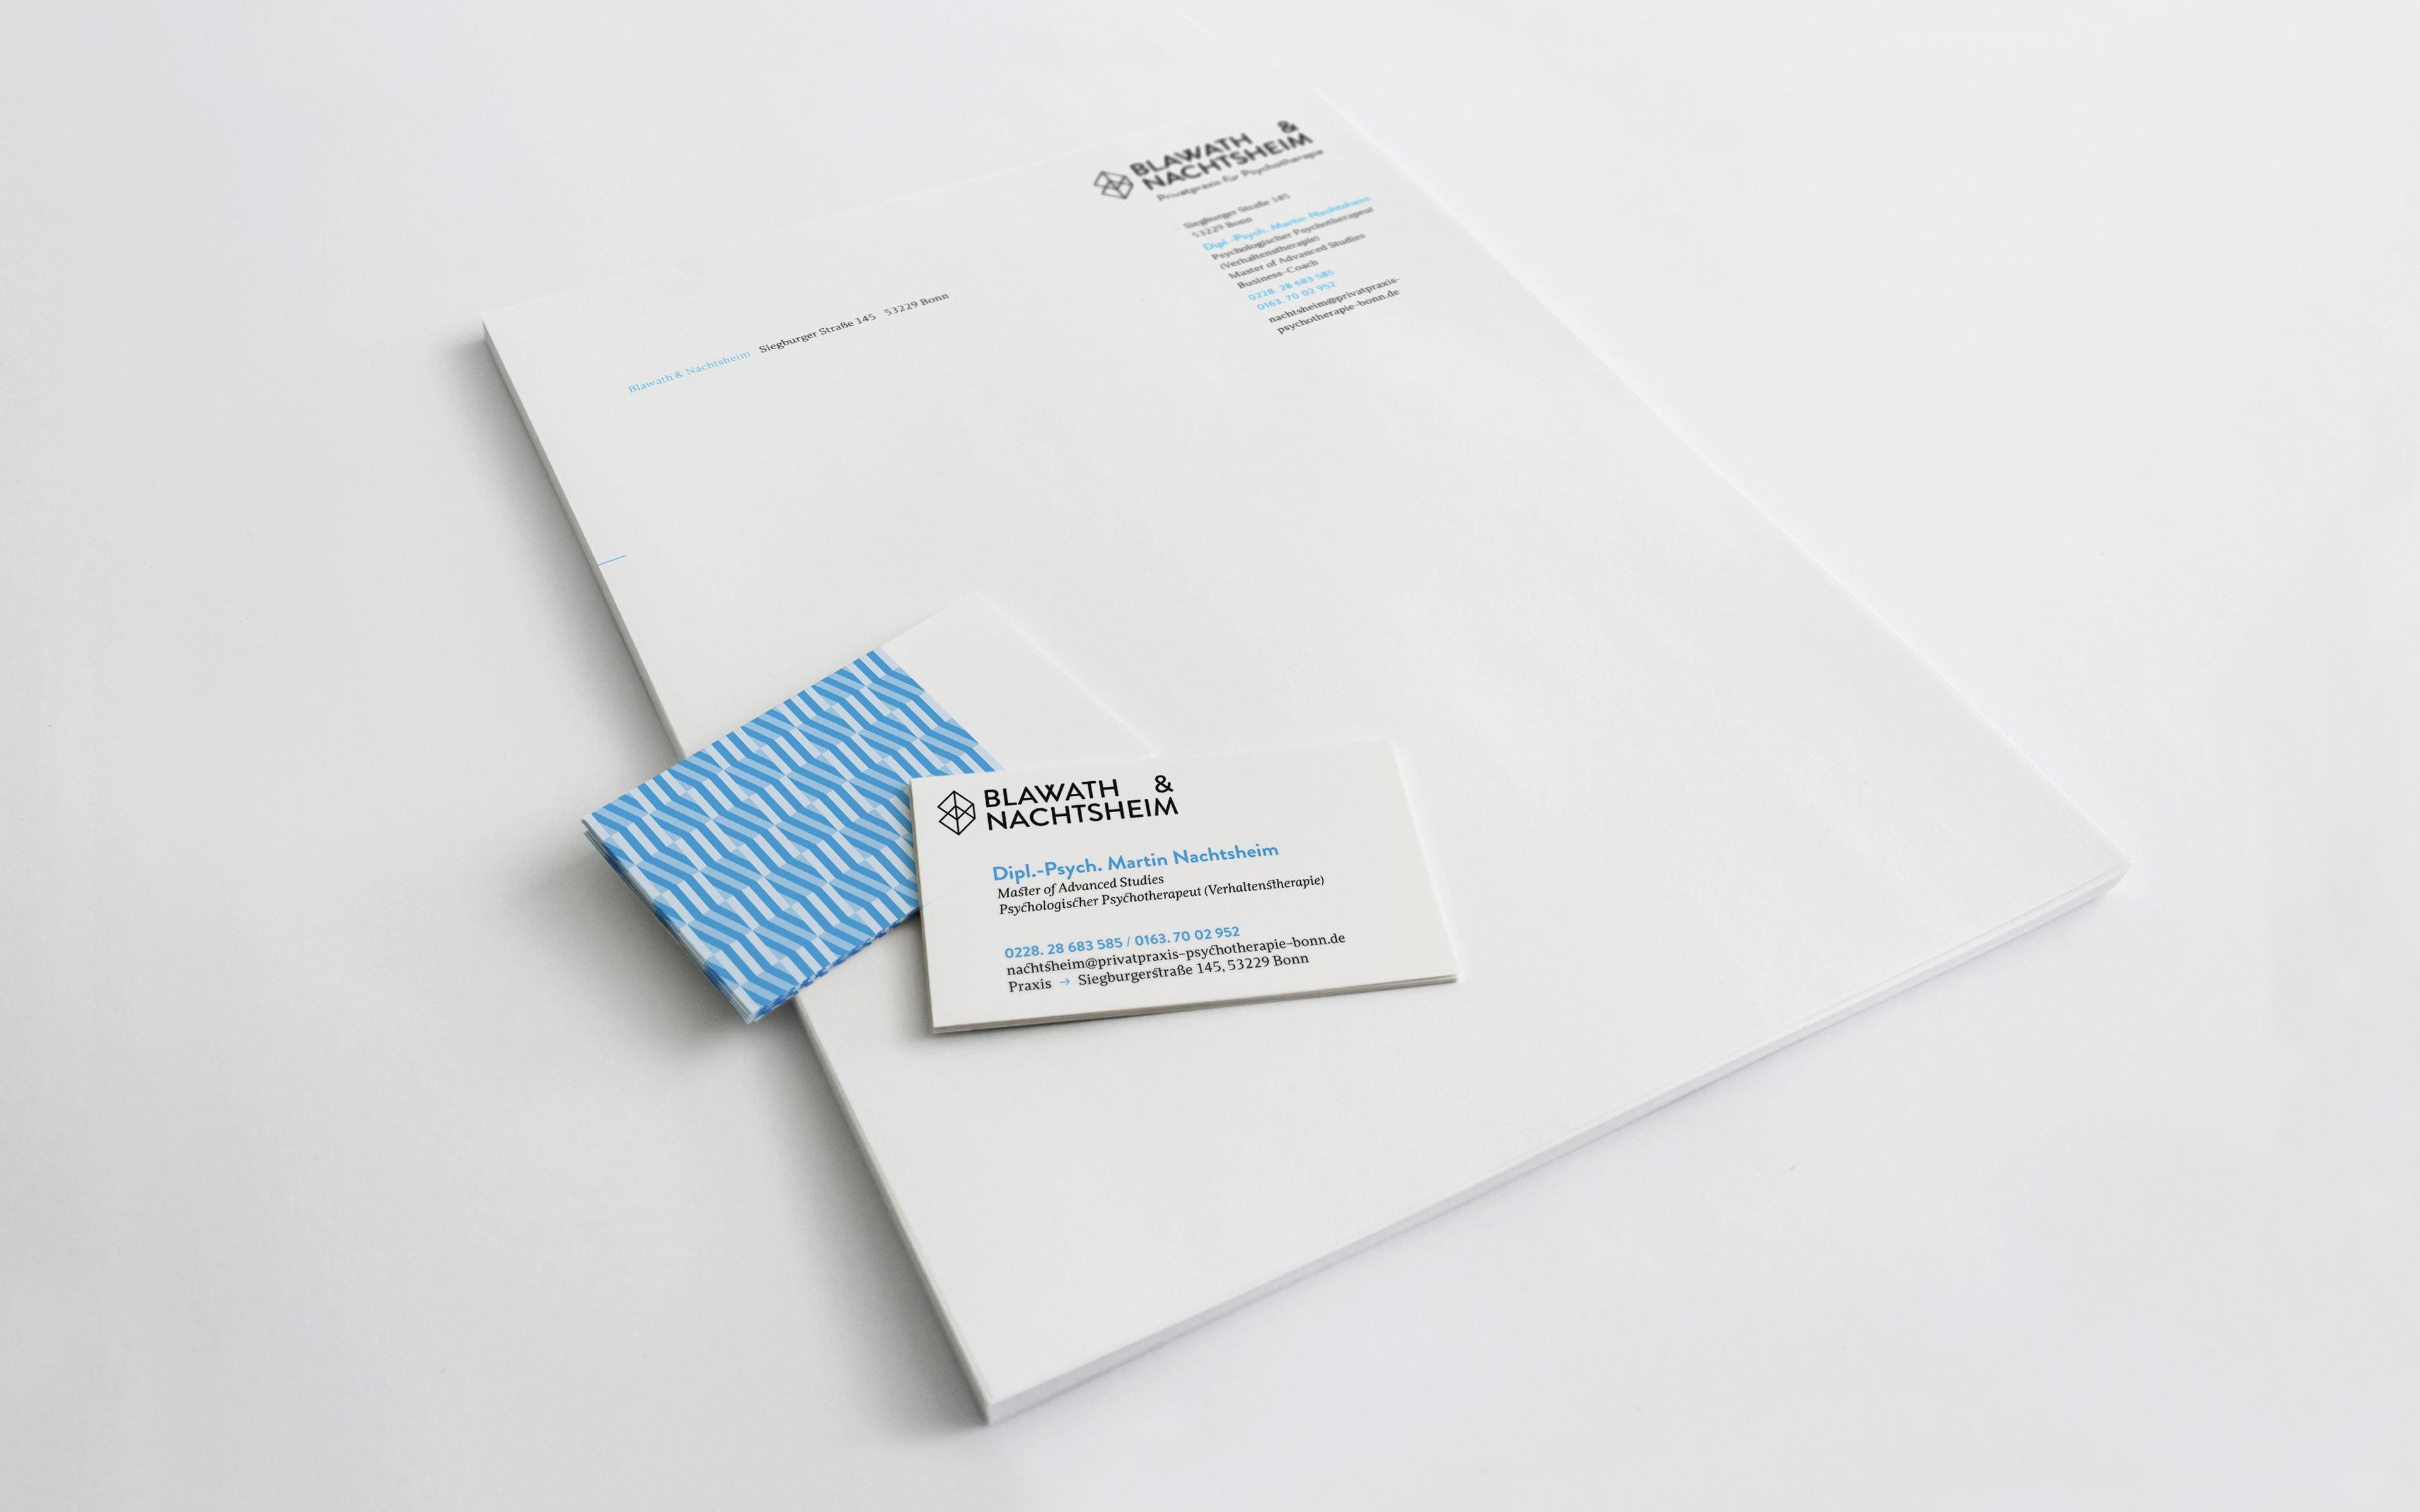 Blawath & Nachtsheim Corporate Design, Briefbogen und Visitenkarte